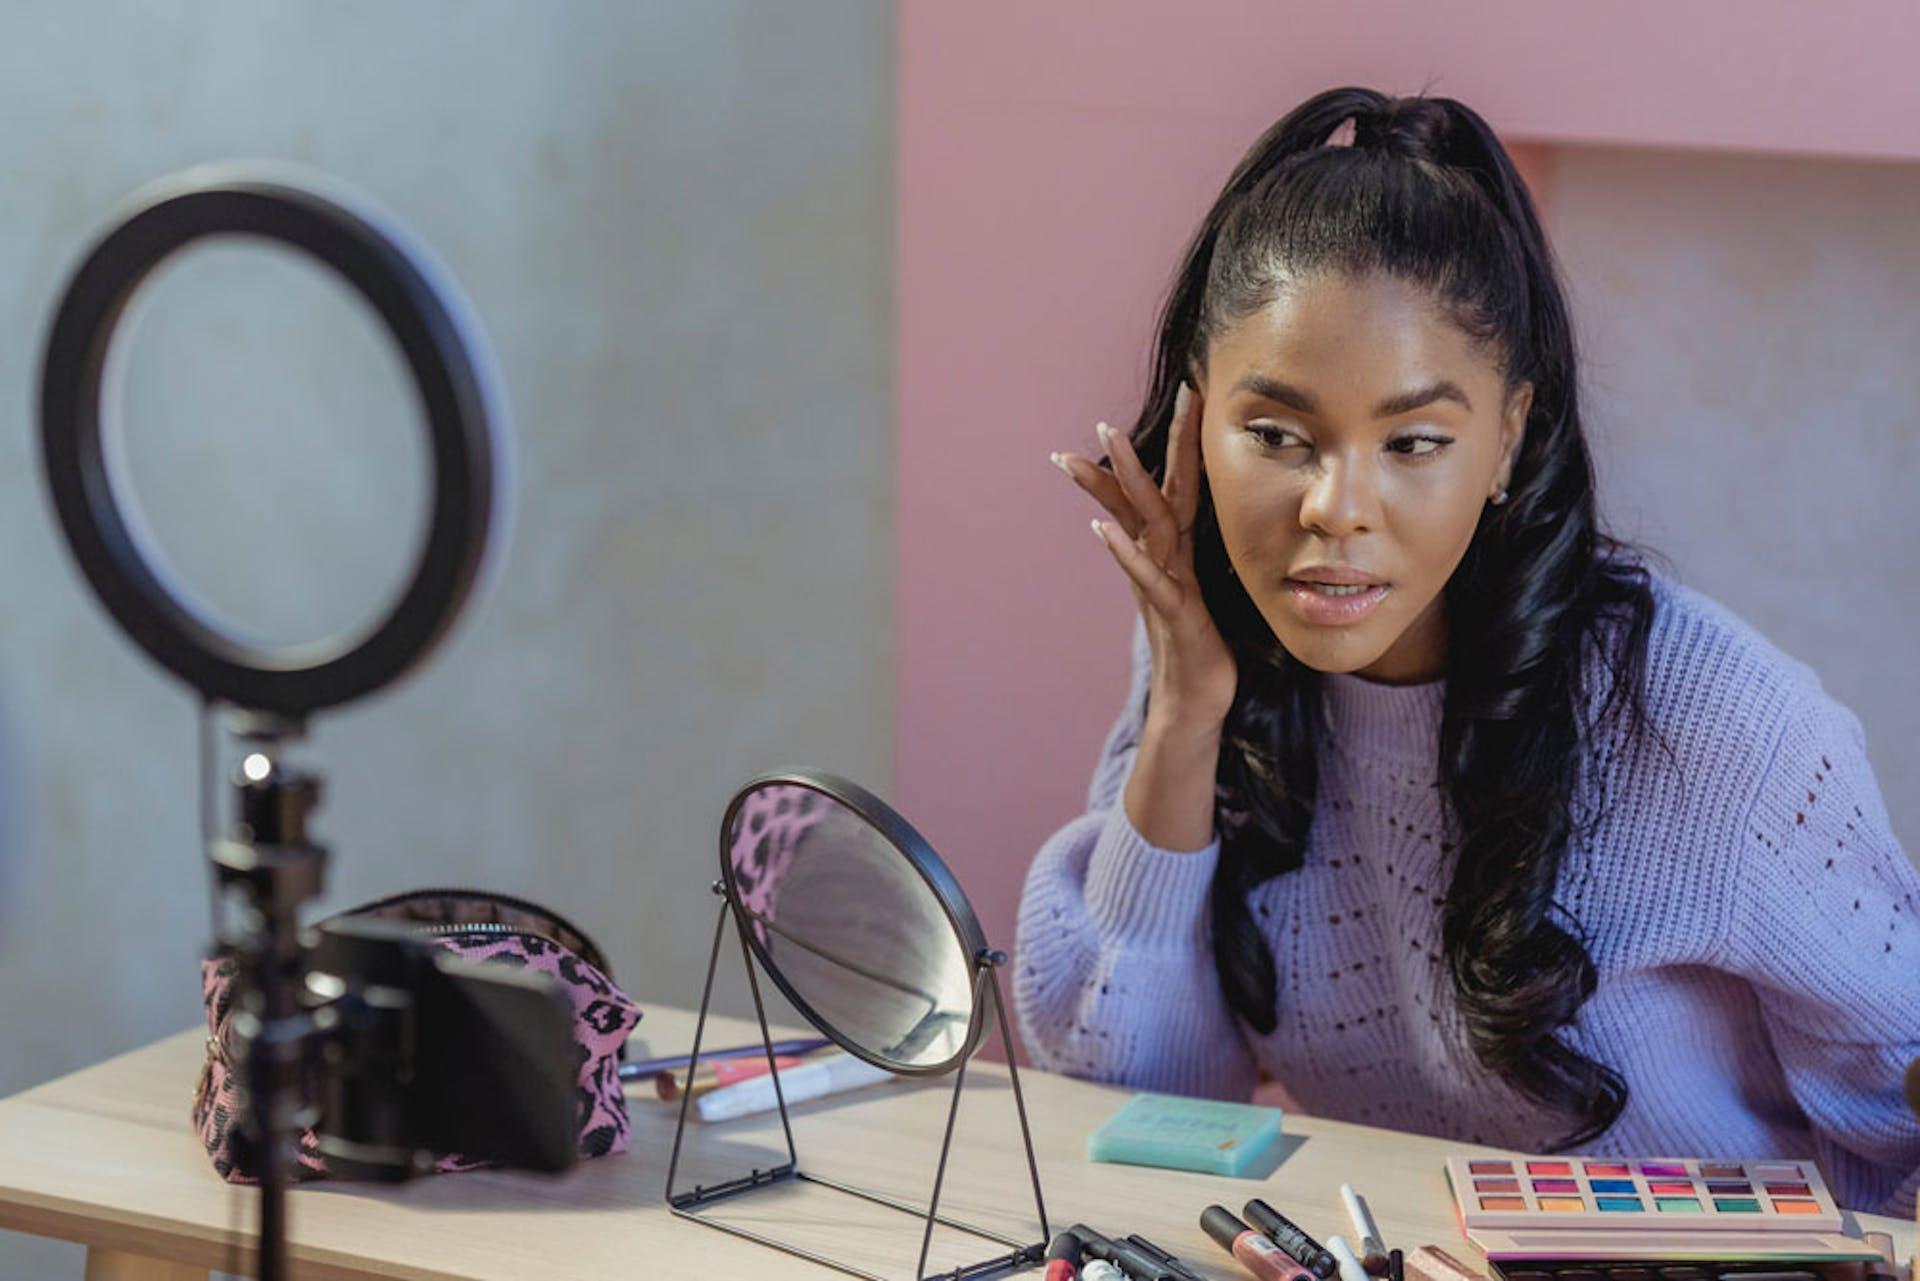 Morfología del rostro: ¿qué tipo de maquillaje me conviene?